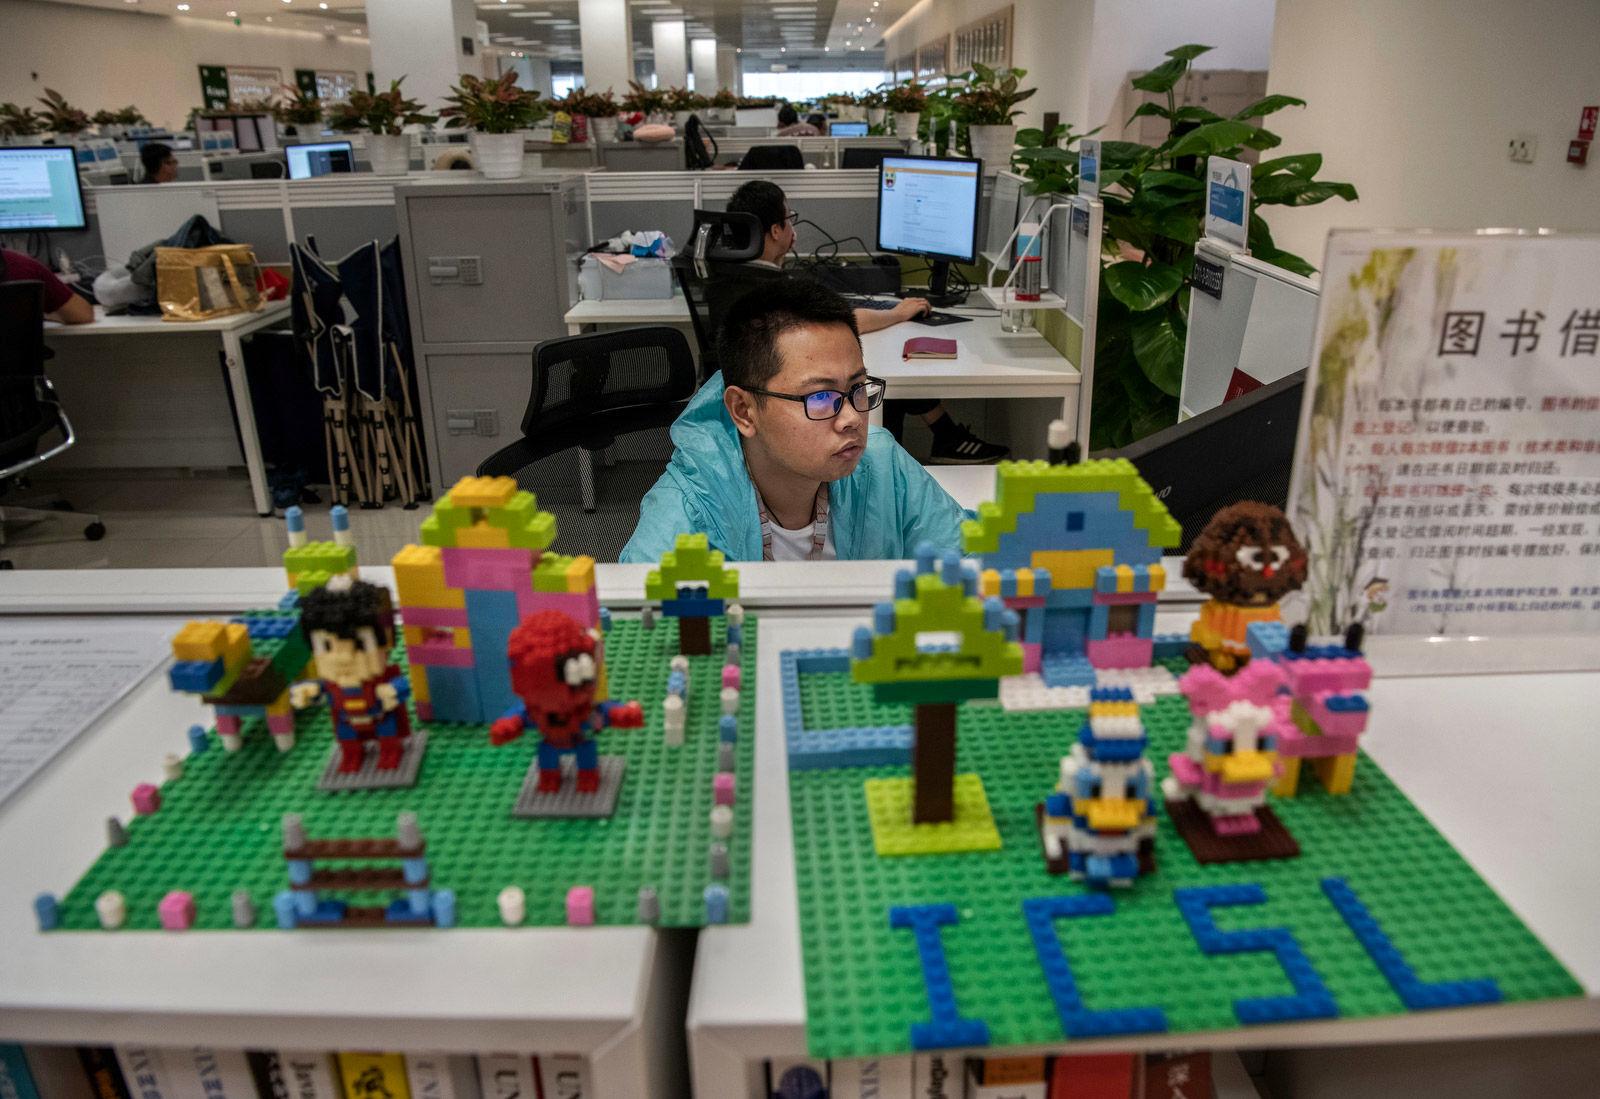 نگاهی به کارخانه هوآوی، غول تکنولوژی در چین